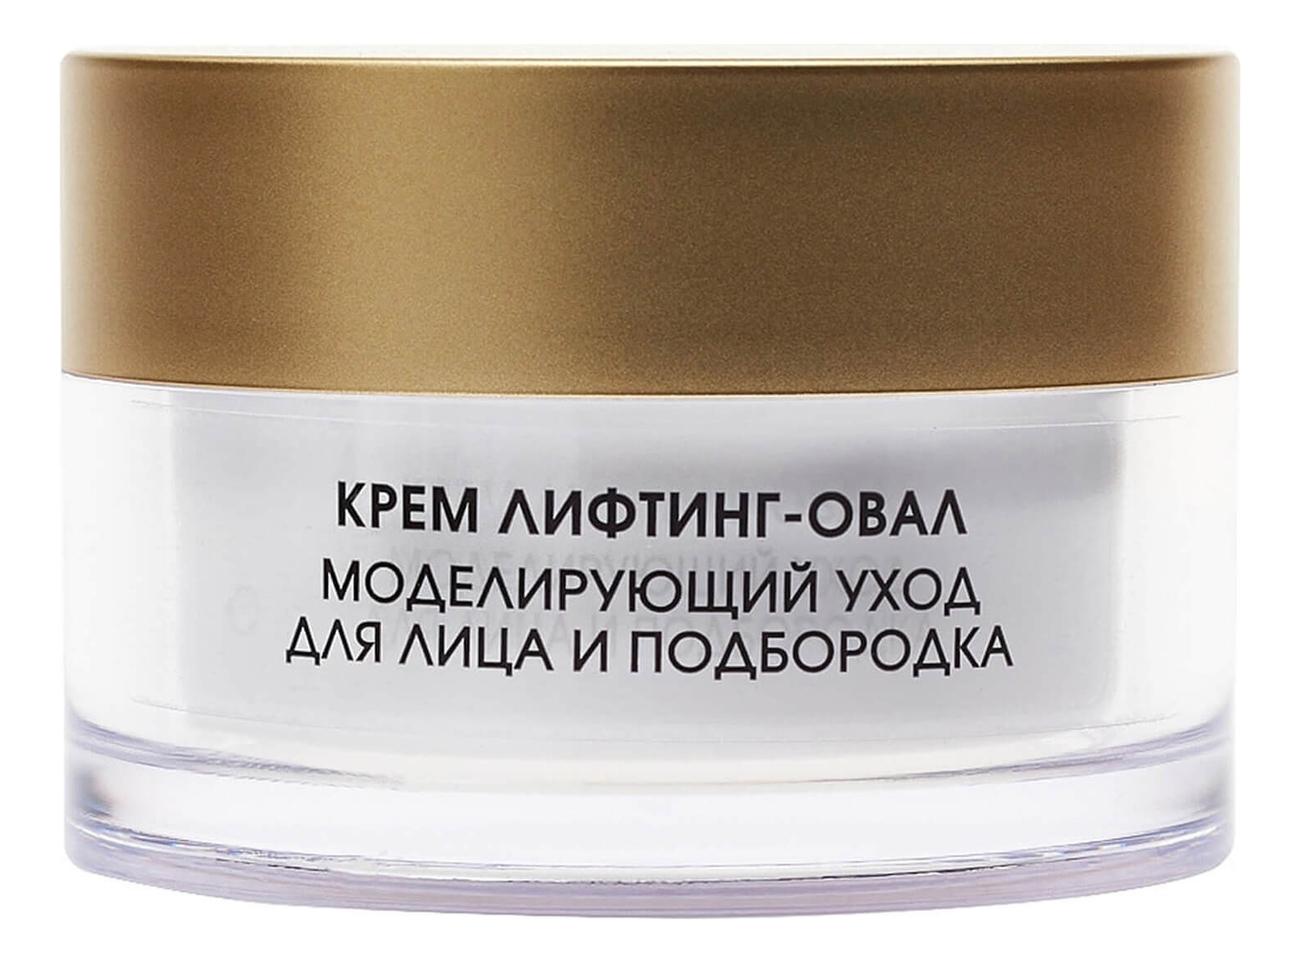 Крем лифтинг-овал моделирующий уход для лица и подбородка Anti-Aging Line Phytocosmetics 50мл